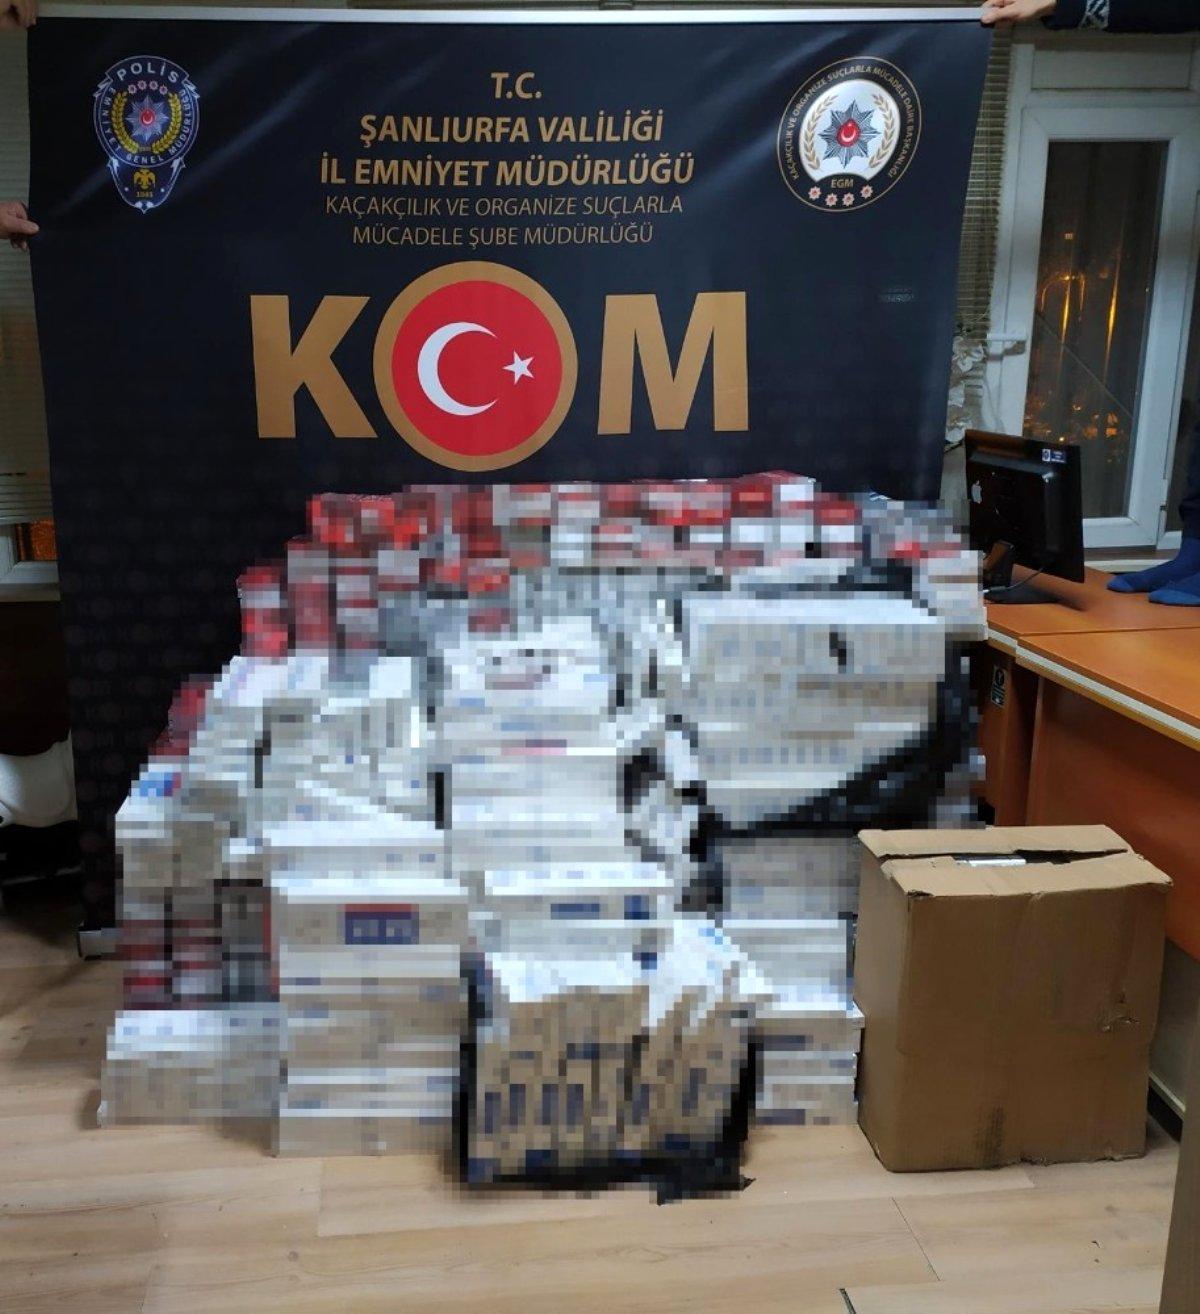 Şanlıurfa'da 10 bin 200 paket kaçak sigara ele geçirildi